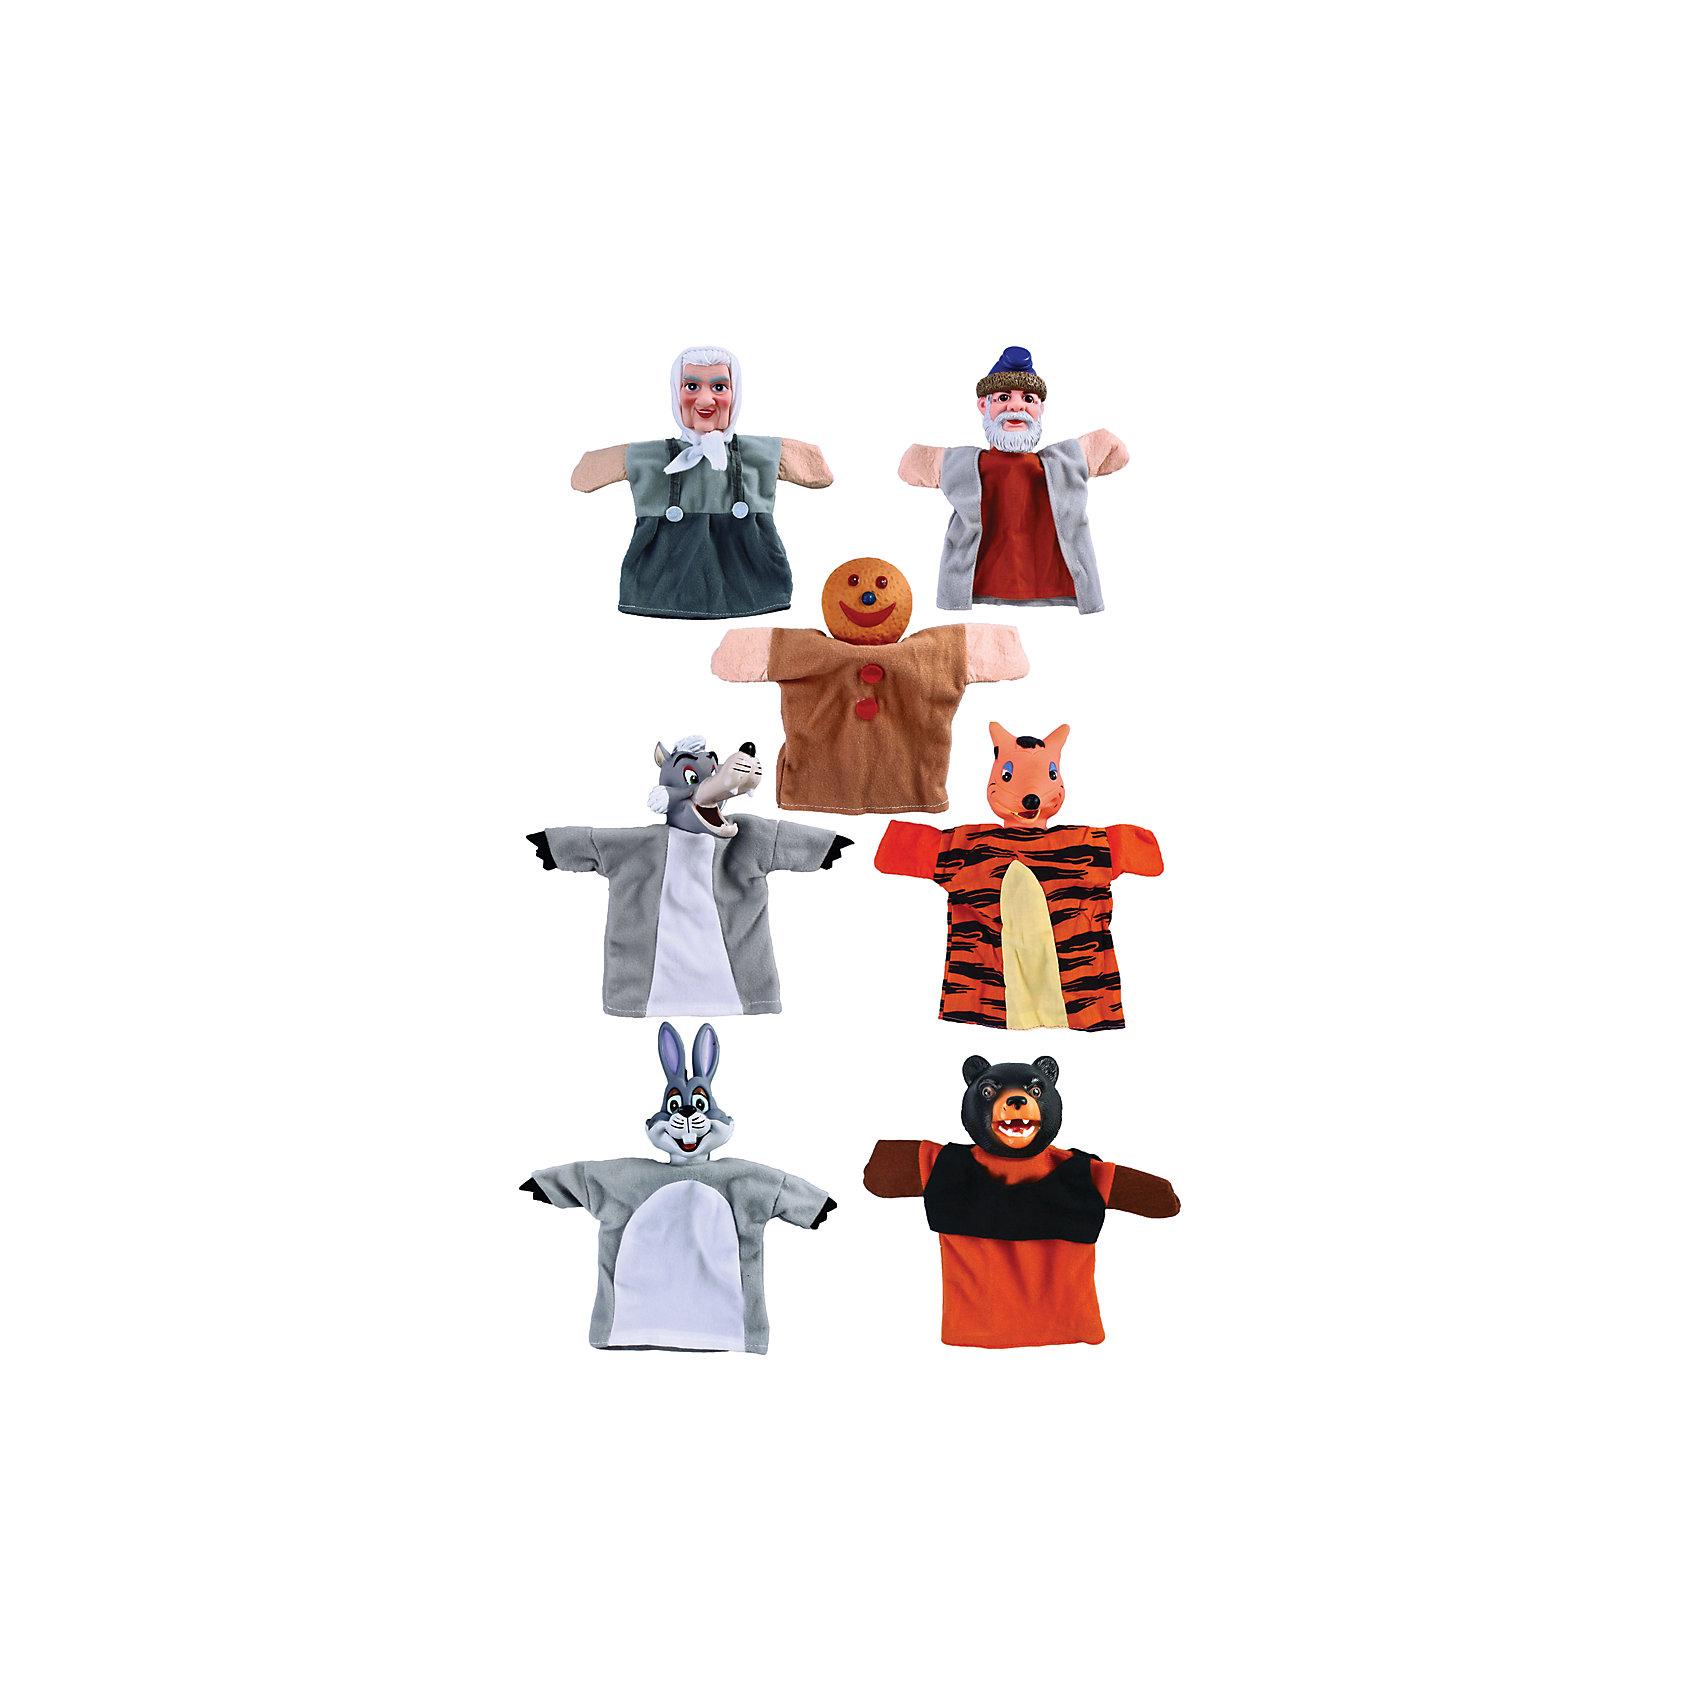 Кукольный театр Колобок, 7 кукол, ЖирафикиМягкие игрушки на руку<br>Кукольный театр – настоящее искусство! Погрузите малыша в детский мир драмы с помощью уникальных игрушек – кукол! Играйте с ребенком вместе, показывайте ему свое представление или устройте настоящий домашний спектакль перед родными. Игра такого плана развивает у малыша актерские способности, любовь к выступлениям на публике, а так же улучшает творческие способности и развивает фантазию и воображение. Материалы, использованные при изготовлении товара, абсолютно безопасны и отвечают всем международным требованиям по качеству.<br><br>Дополнительные характеристики:<br><br>материал: пластик, ПВХ;<br>цвет: разноцветный;<br>количество: 7 кукол.<br><br>Кукольный театр Колобок от компании Жирафики можно приобрести в нашем магазине.<br><br>Ширина мм: 587<br>Глубина мм: 473<br>Высота мм: 419<br>Вес г: 479<br>Возраст от месяцев: 36<br>Возраст до месяцев: 96<br>Пол: Унисекс<br>Возраст: Детский<br>SKU: 5032542